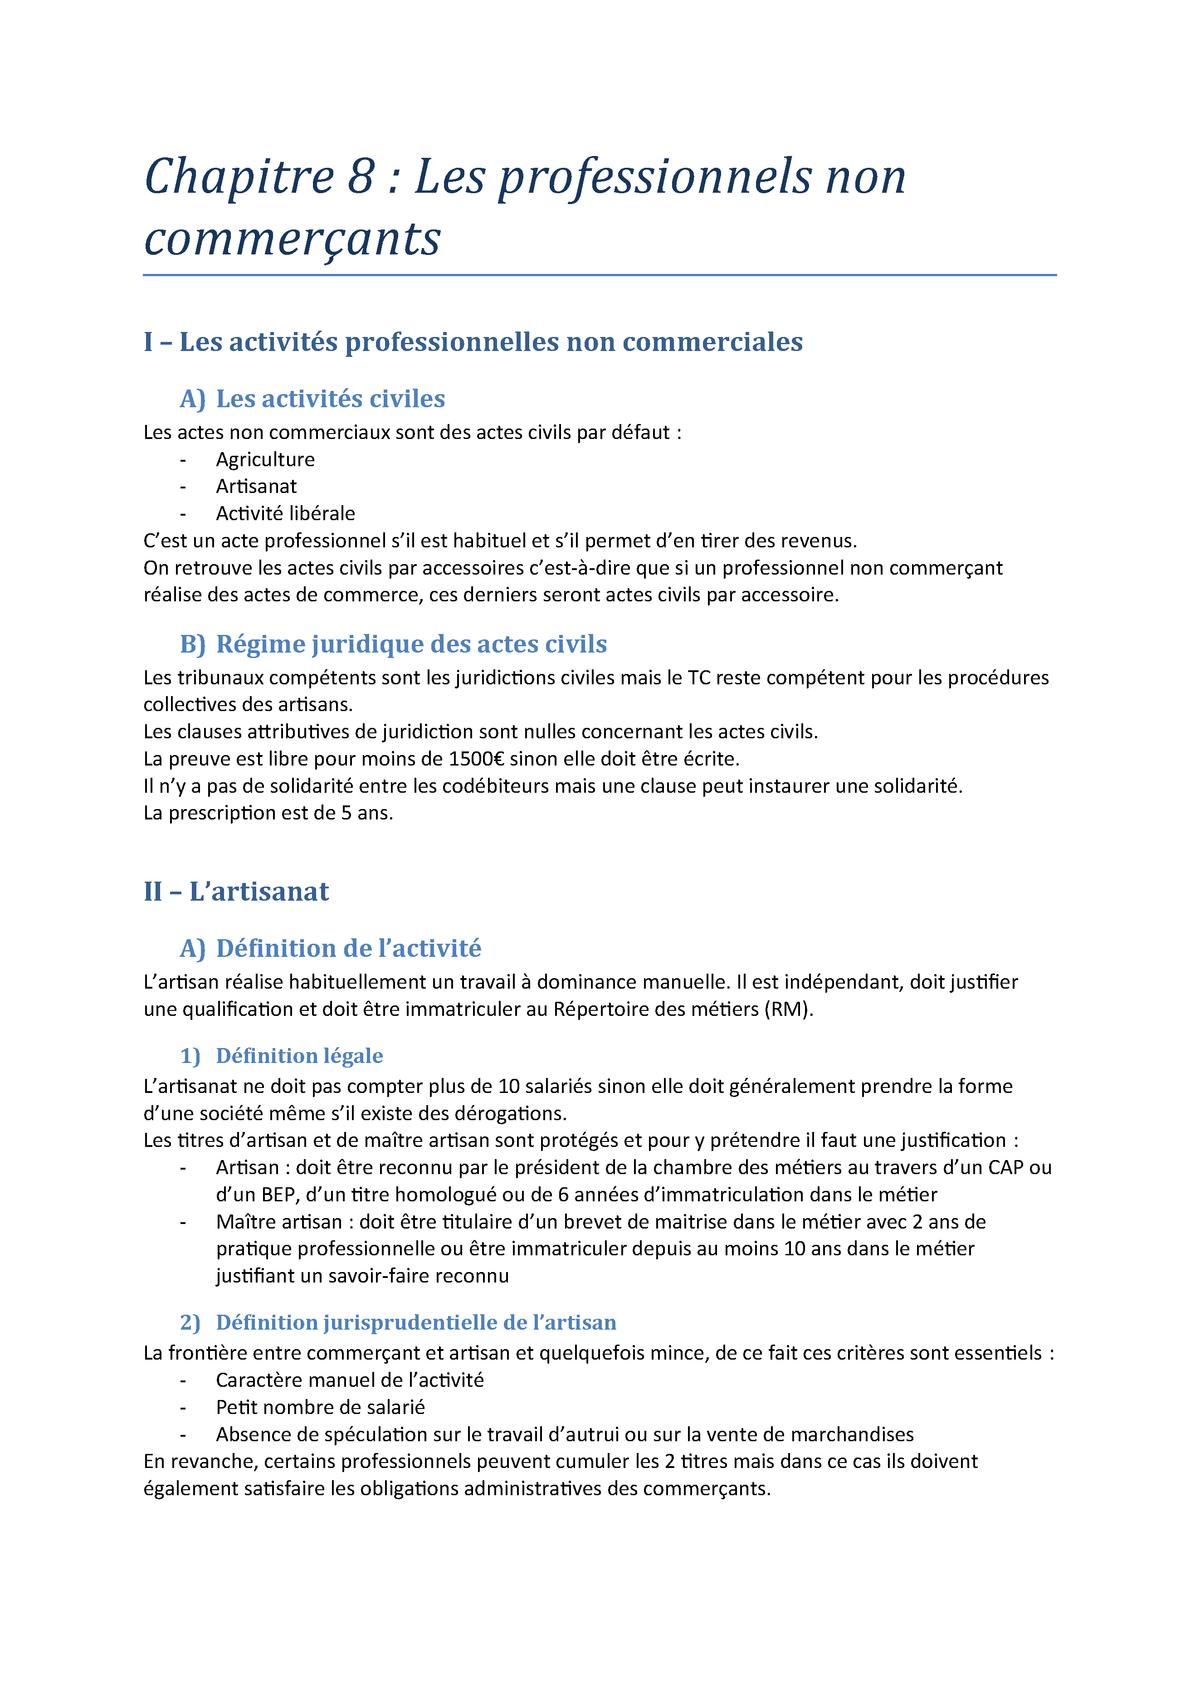 Chapitre 8 - Les professionnels non commerçants - Introduction au ...